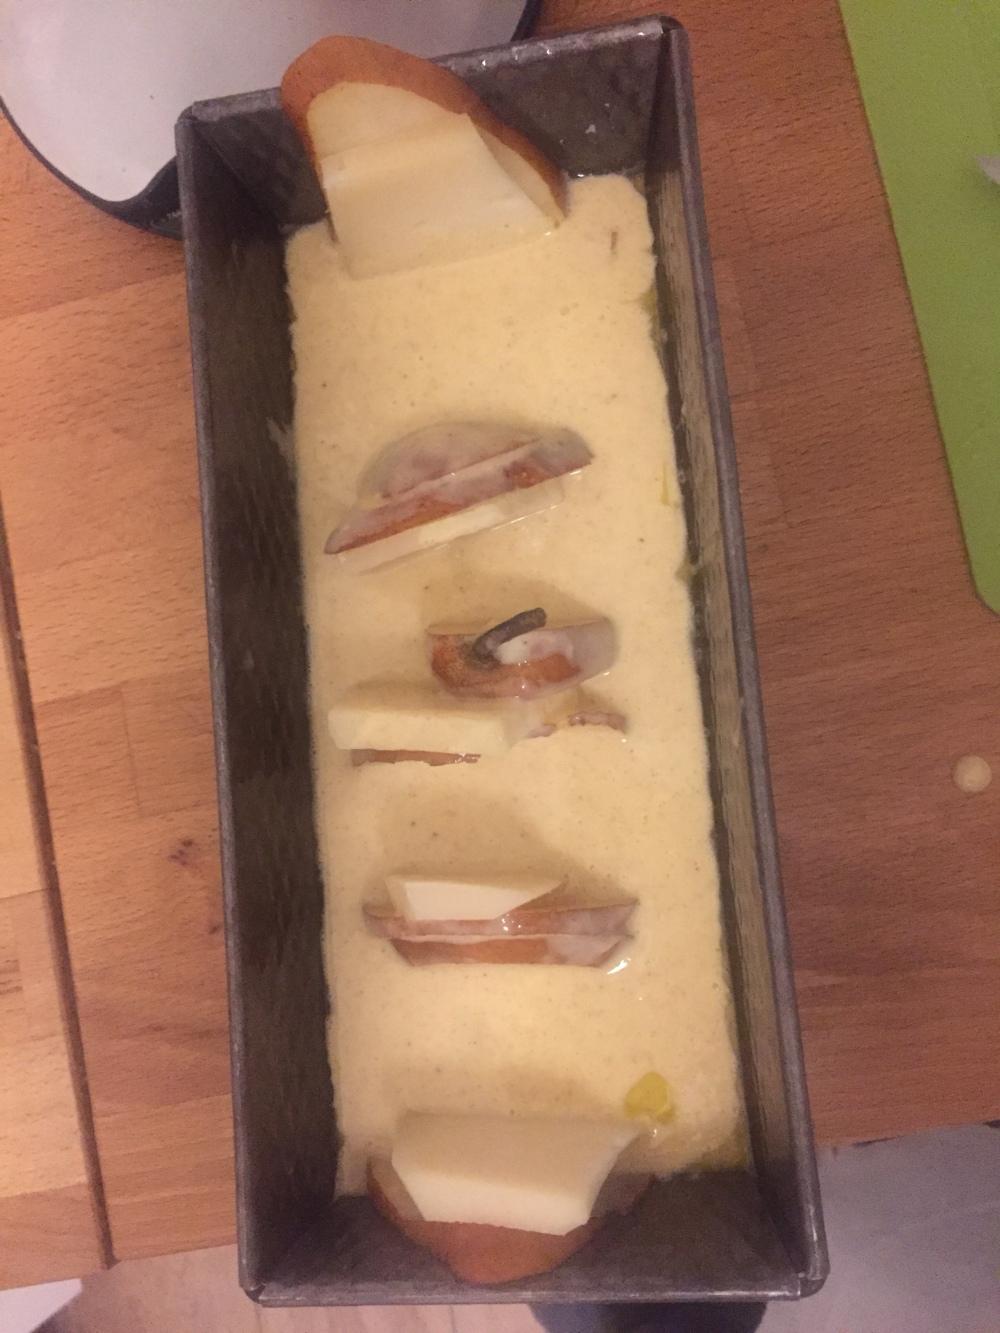 PLUM CAKE CRUDO